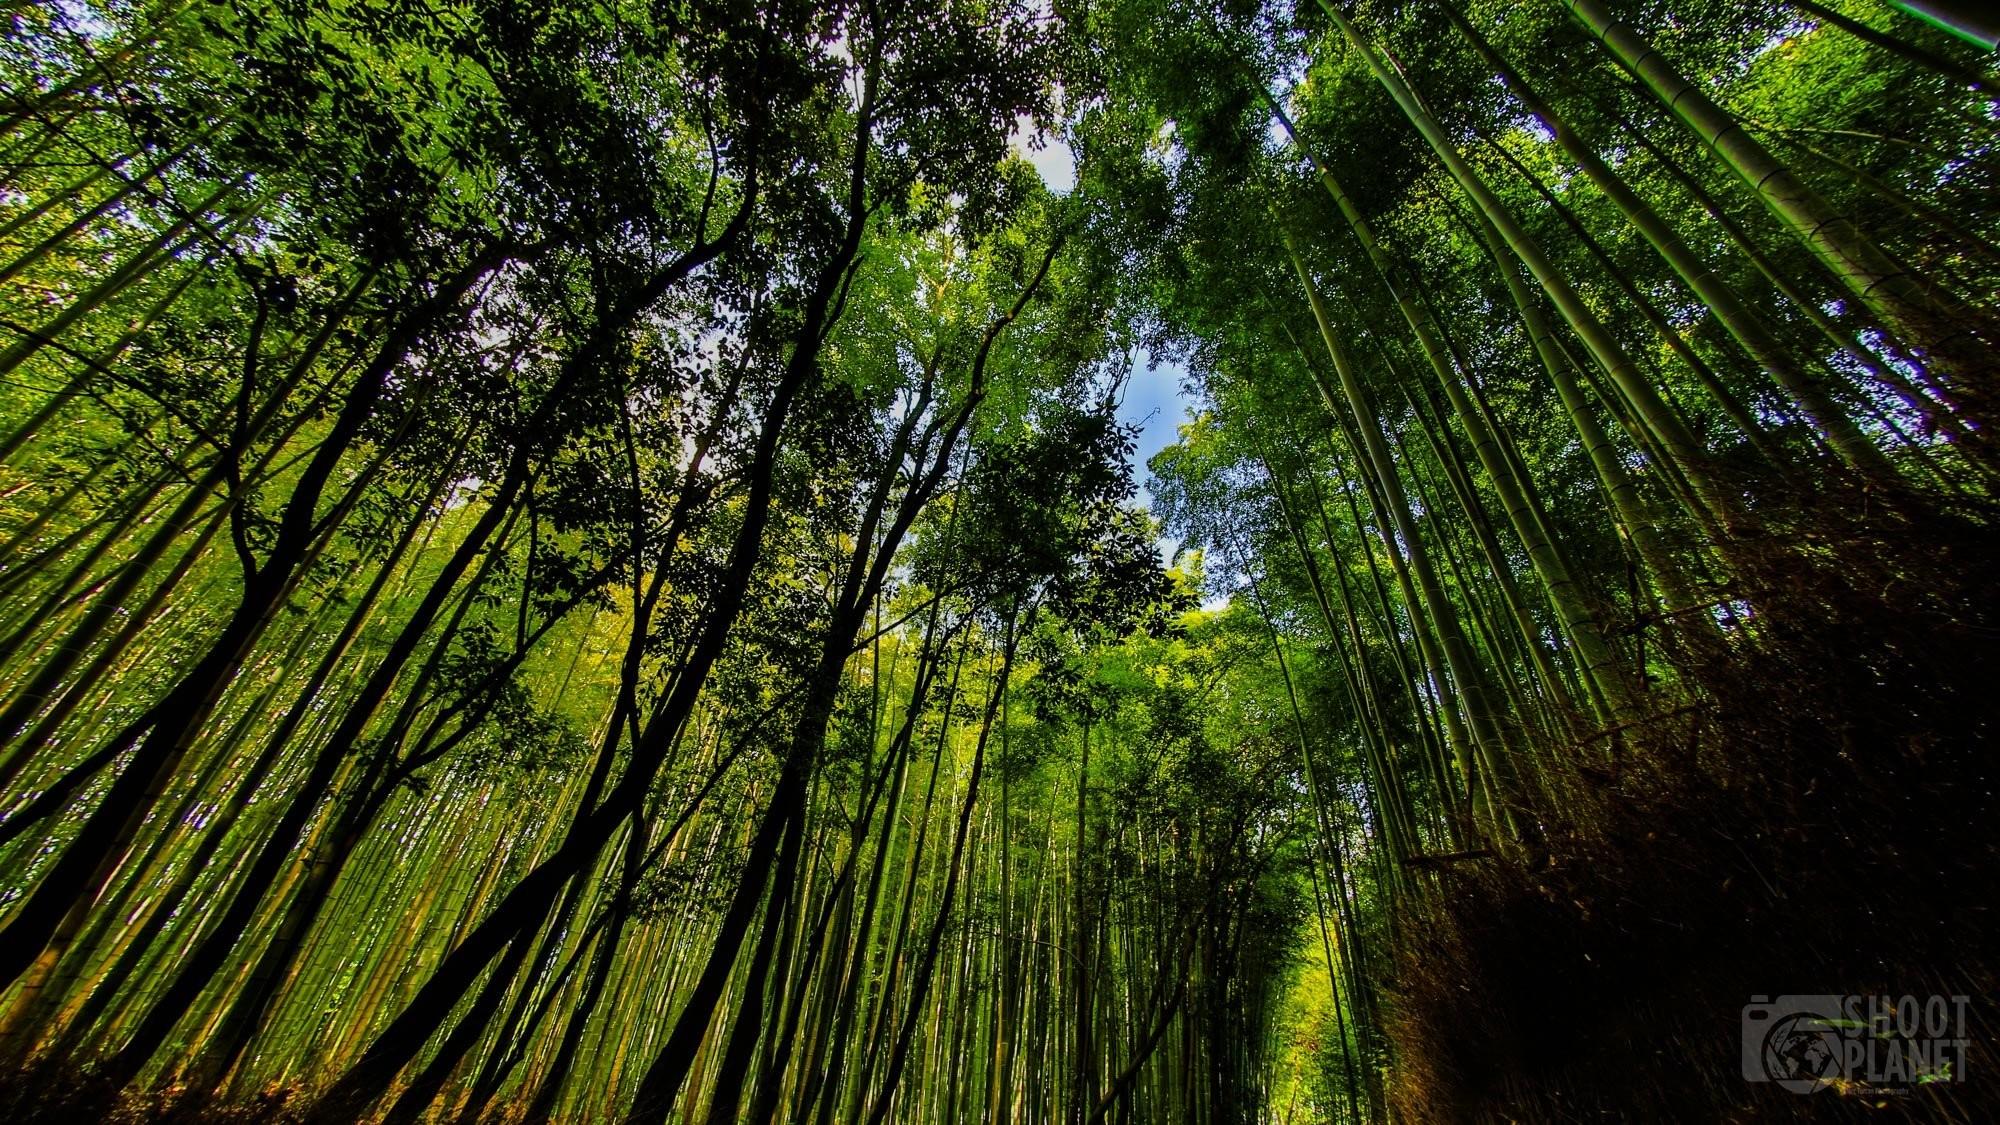 Arashimaya bamboo forest in Kyoto, Japan